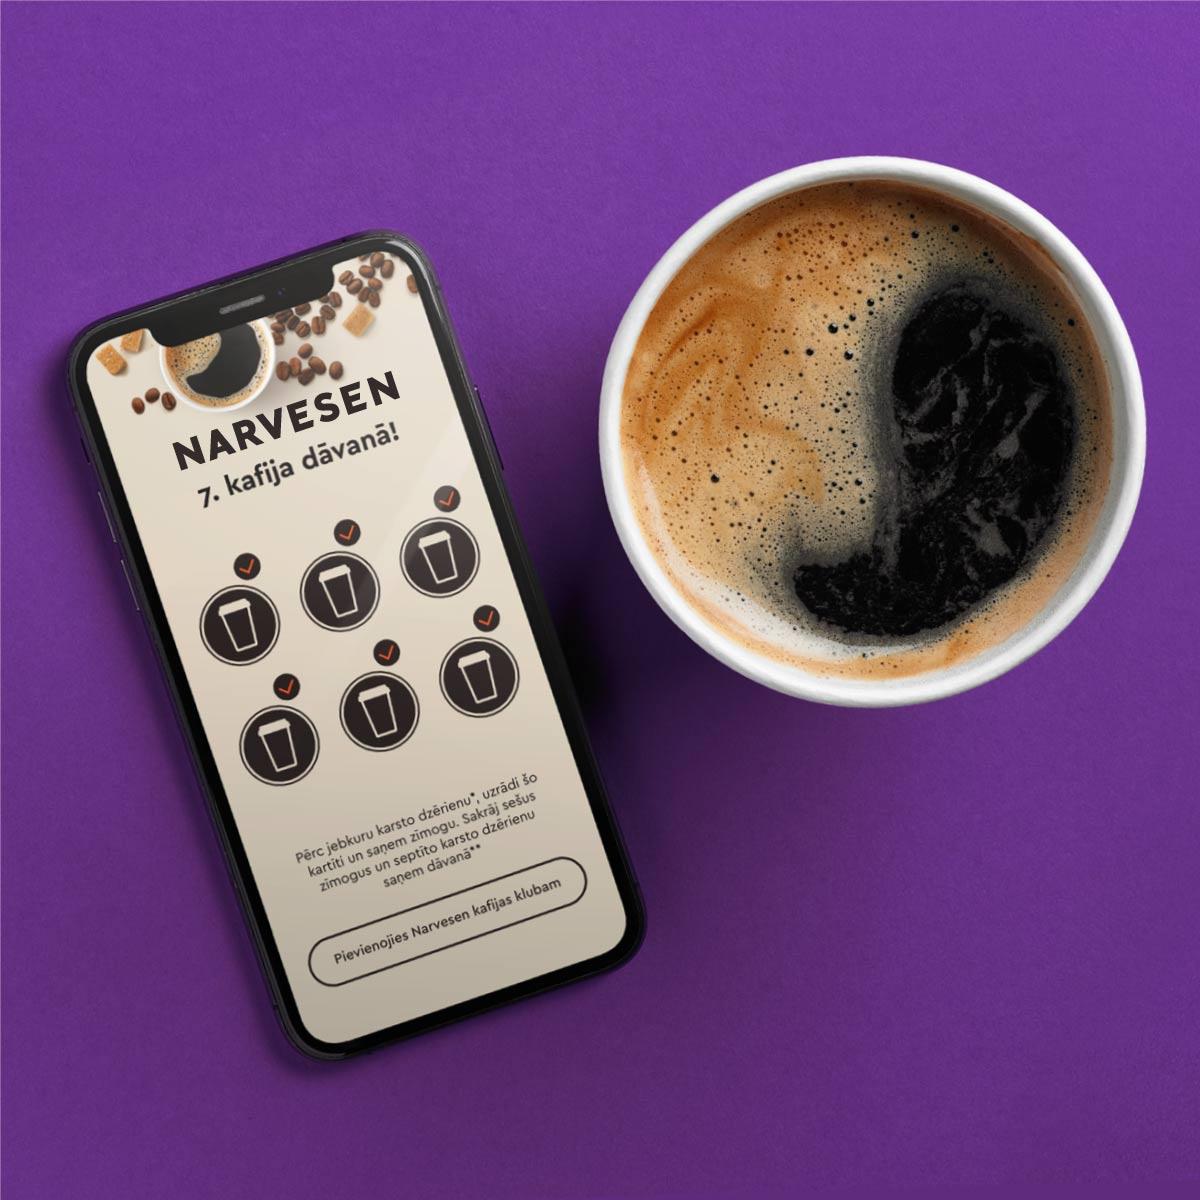 Krāj Narvesen zīmodziņus PINS lietotnē un 7. kafiju saņem dāvanā! image